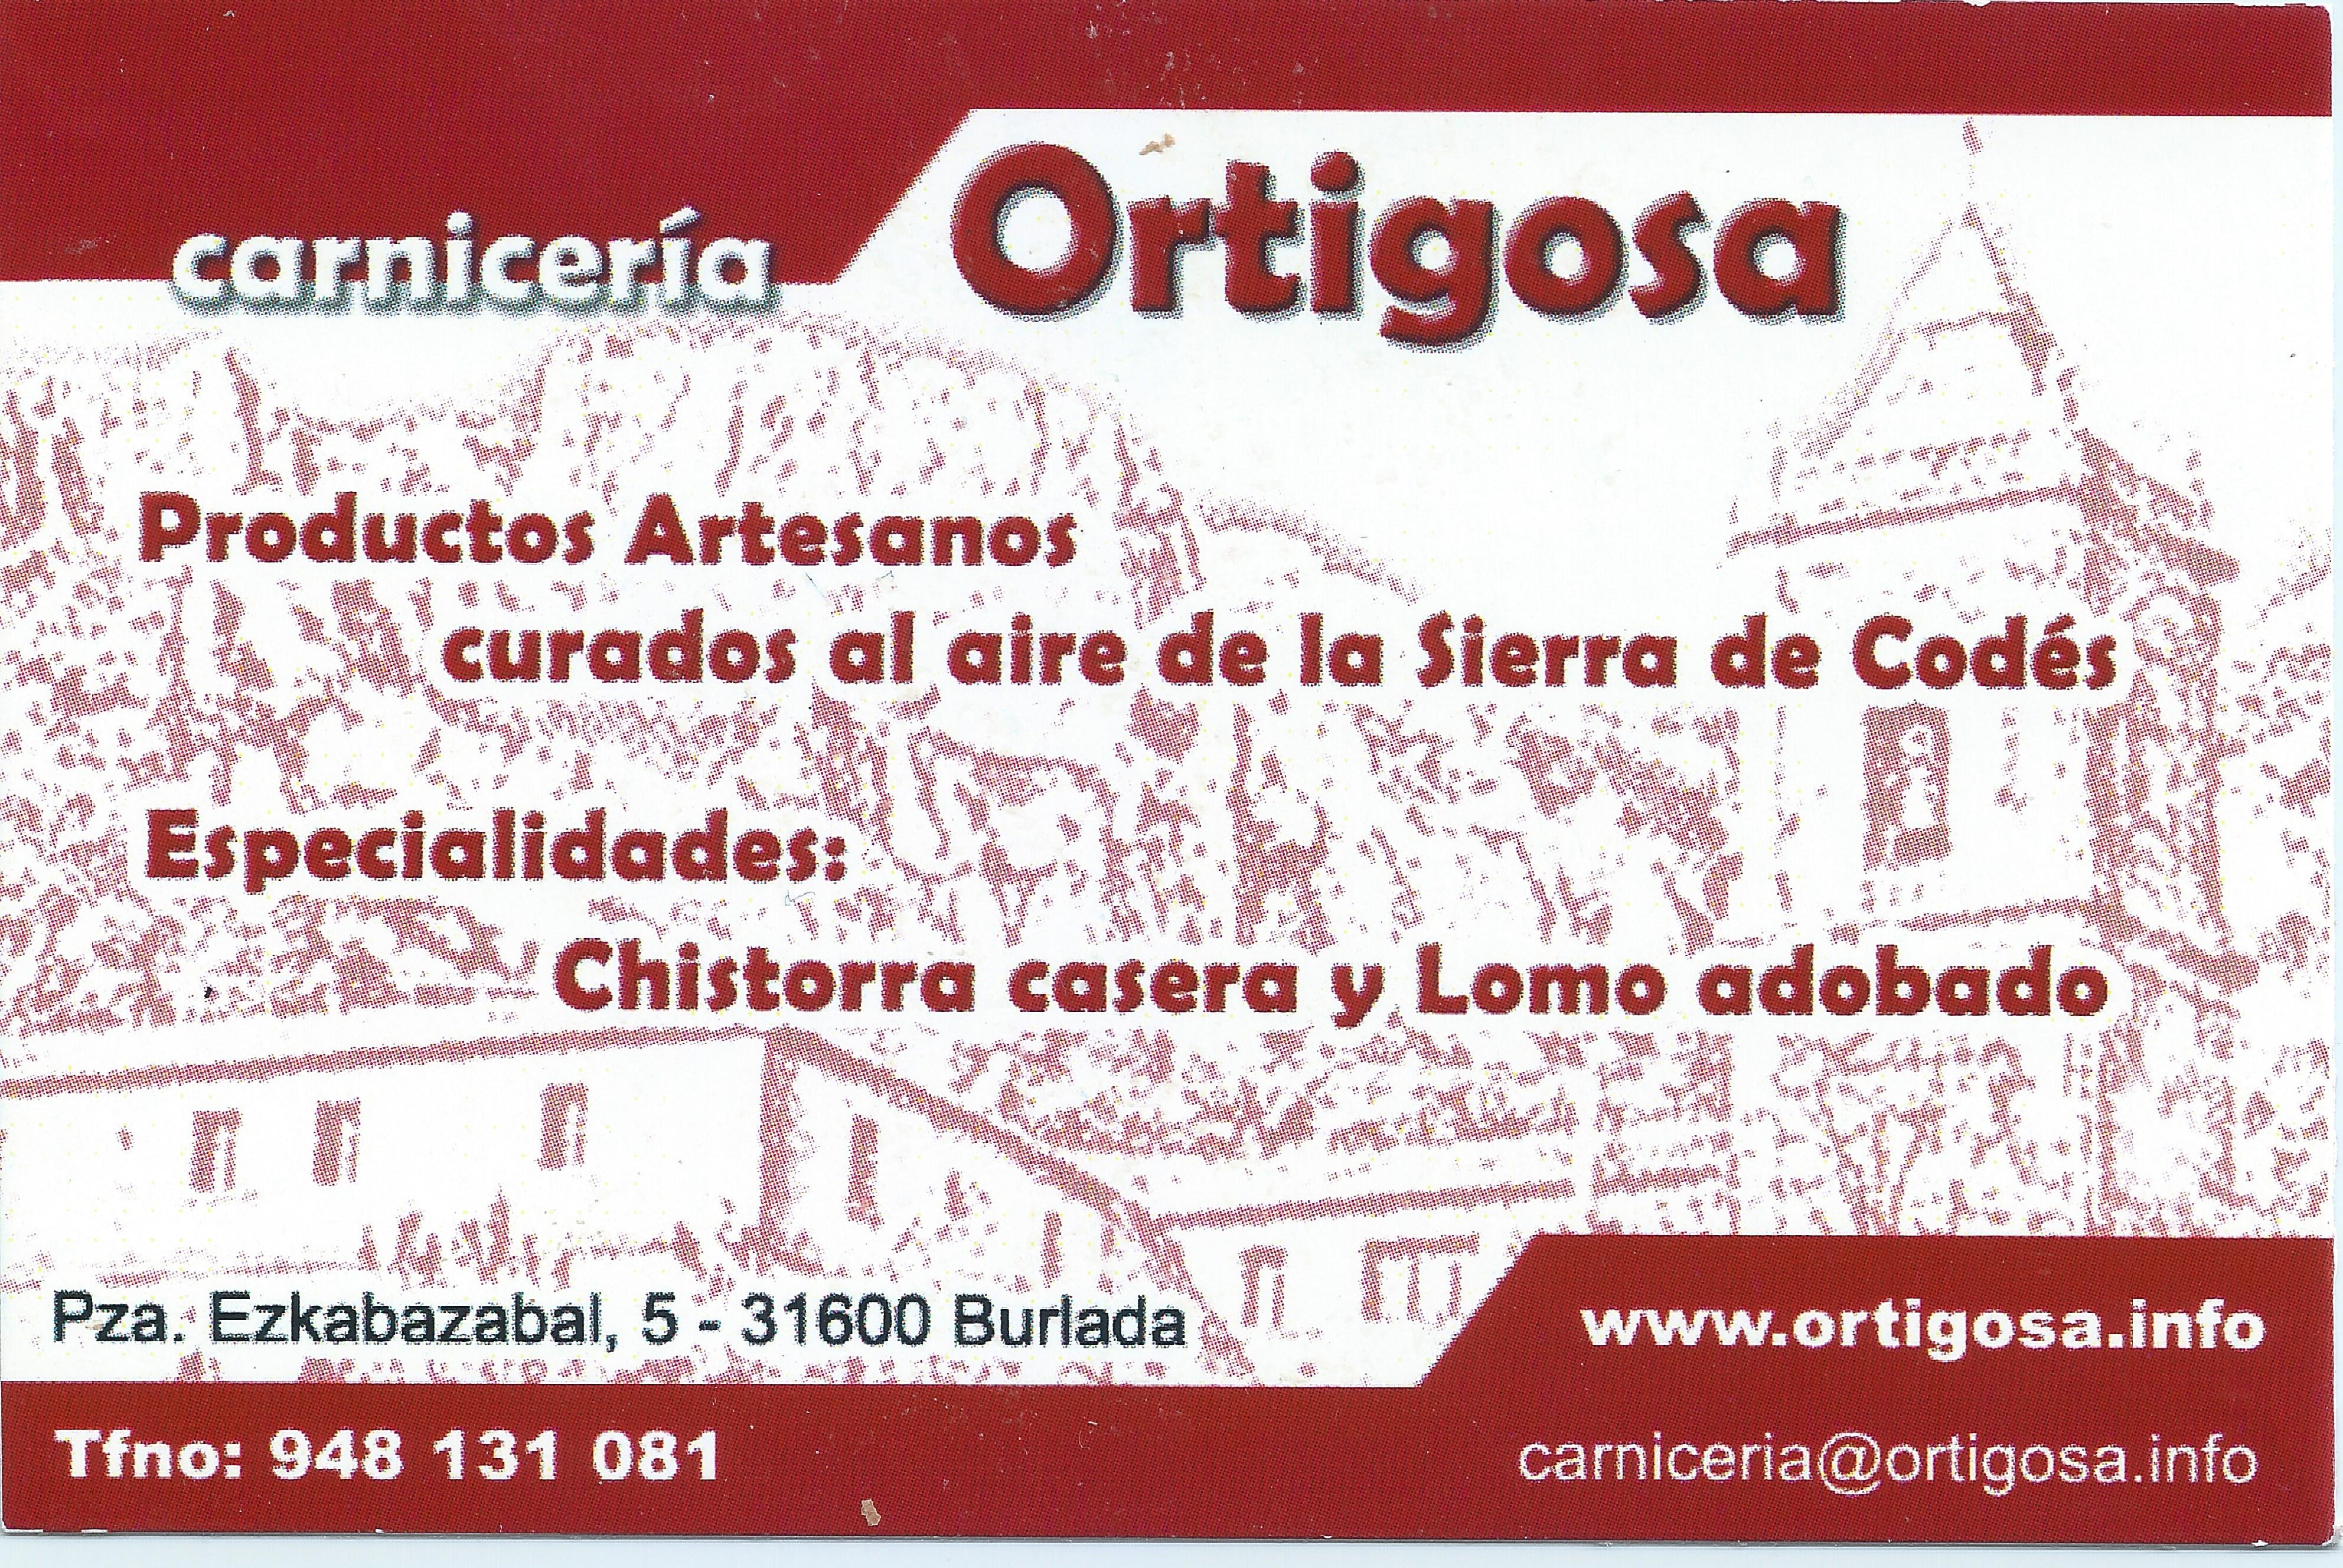 Carniceria Ortigosa